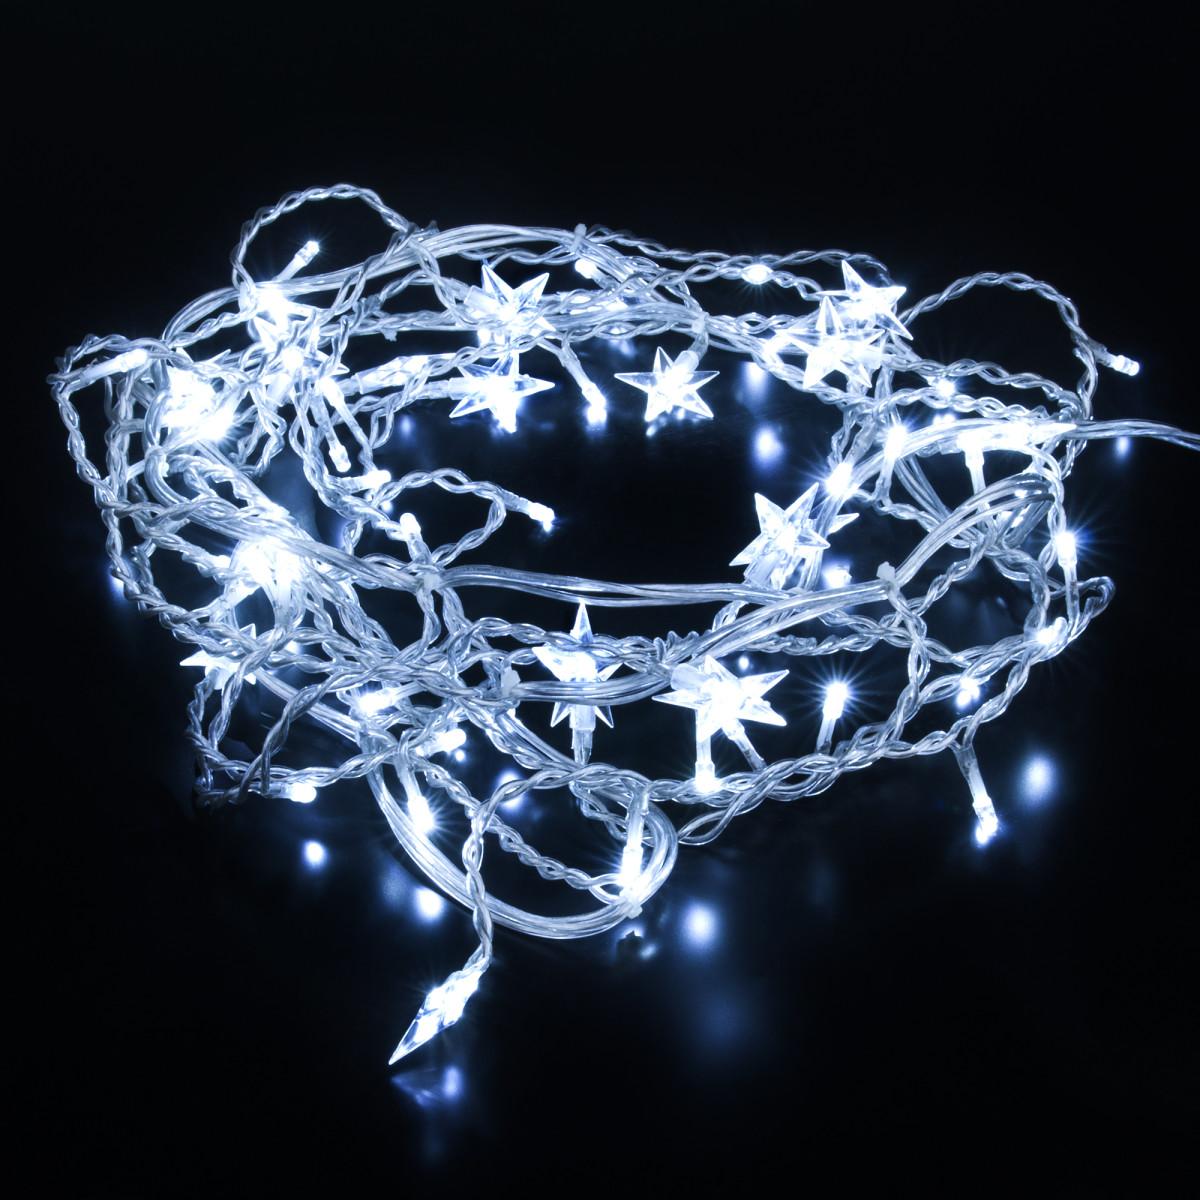 Гирлянда Eurosvet 100-002 белый 64 лампочки